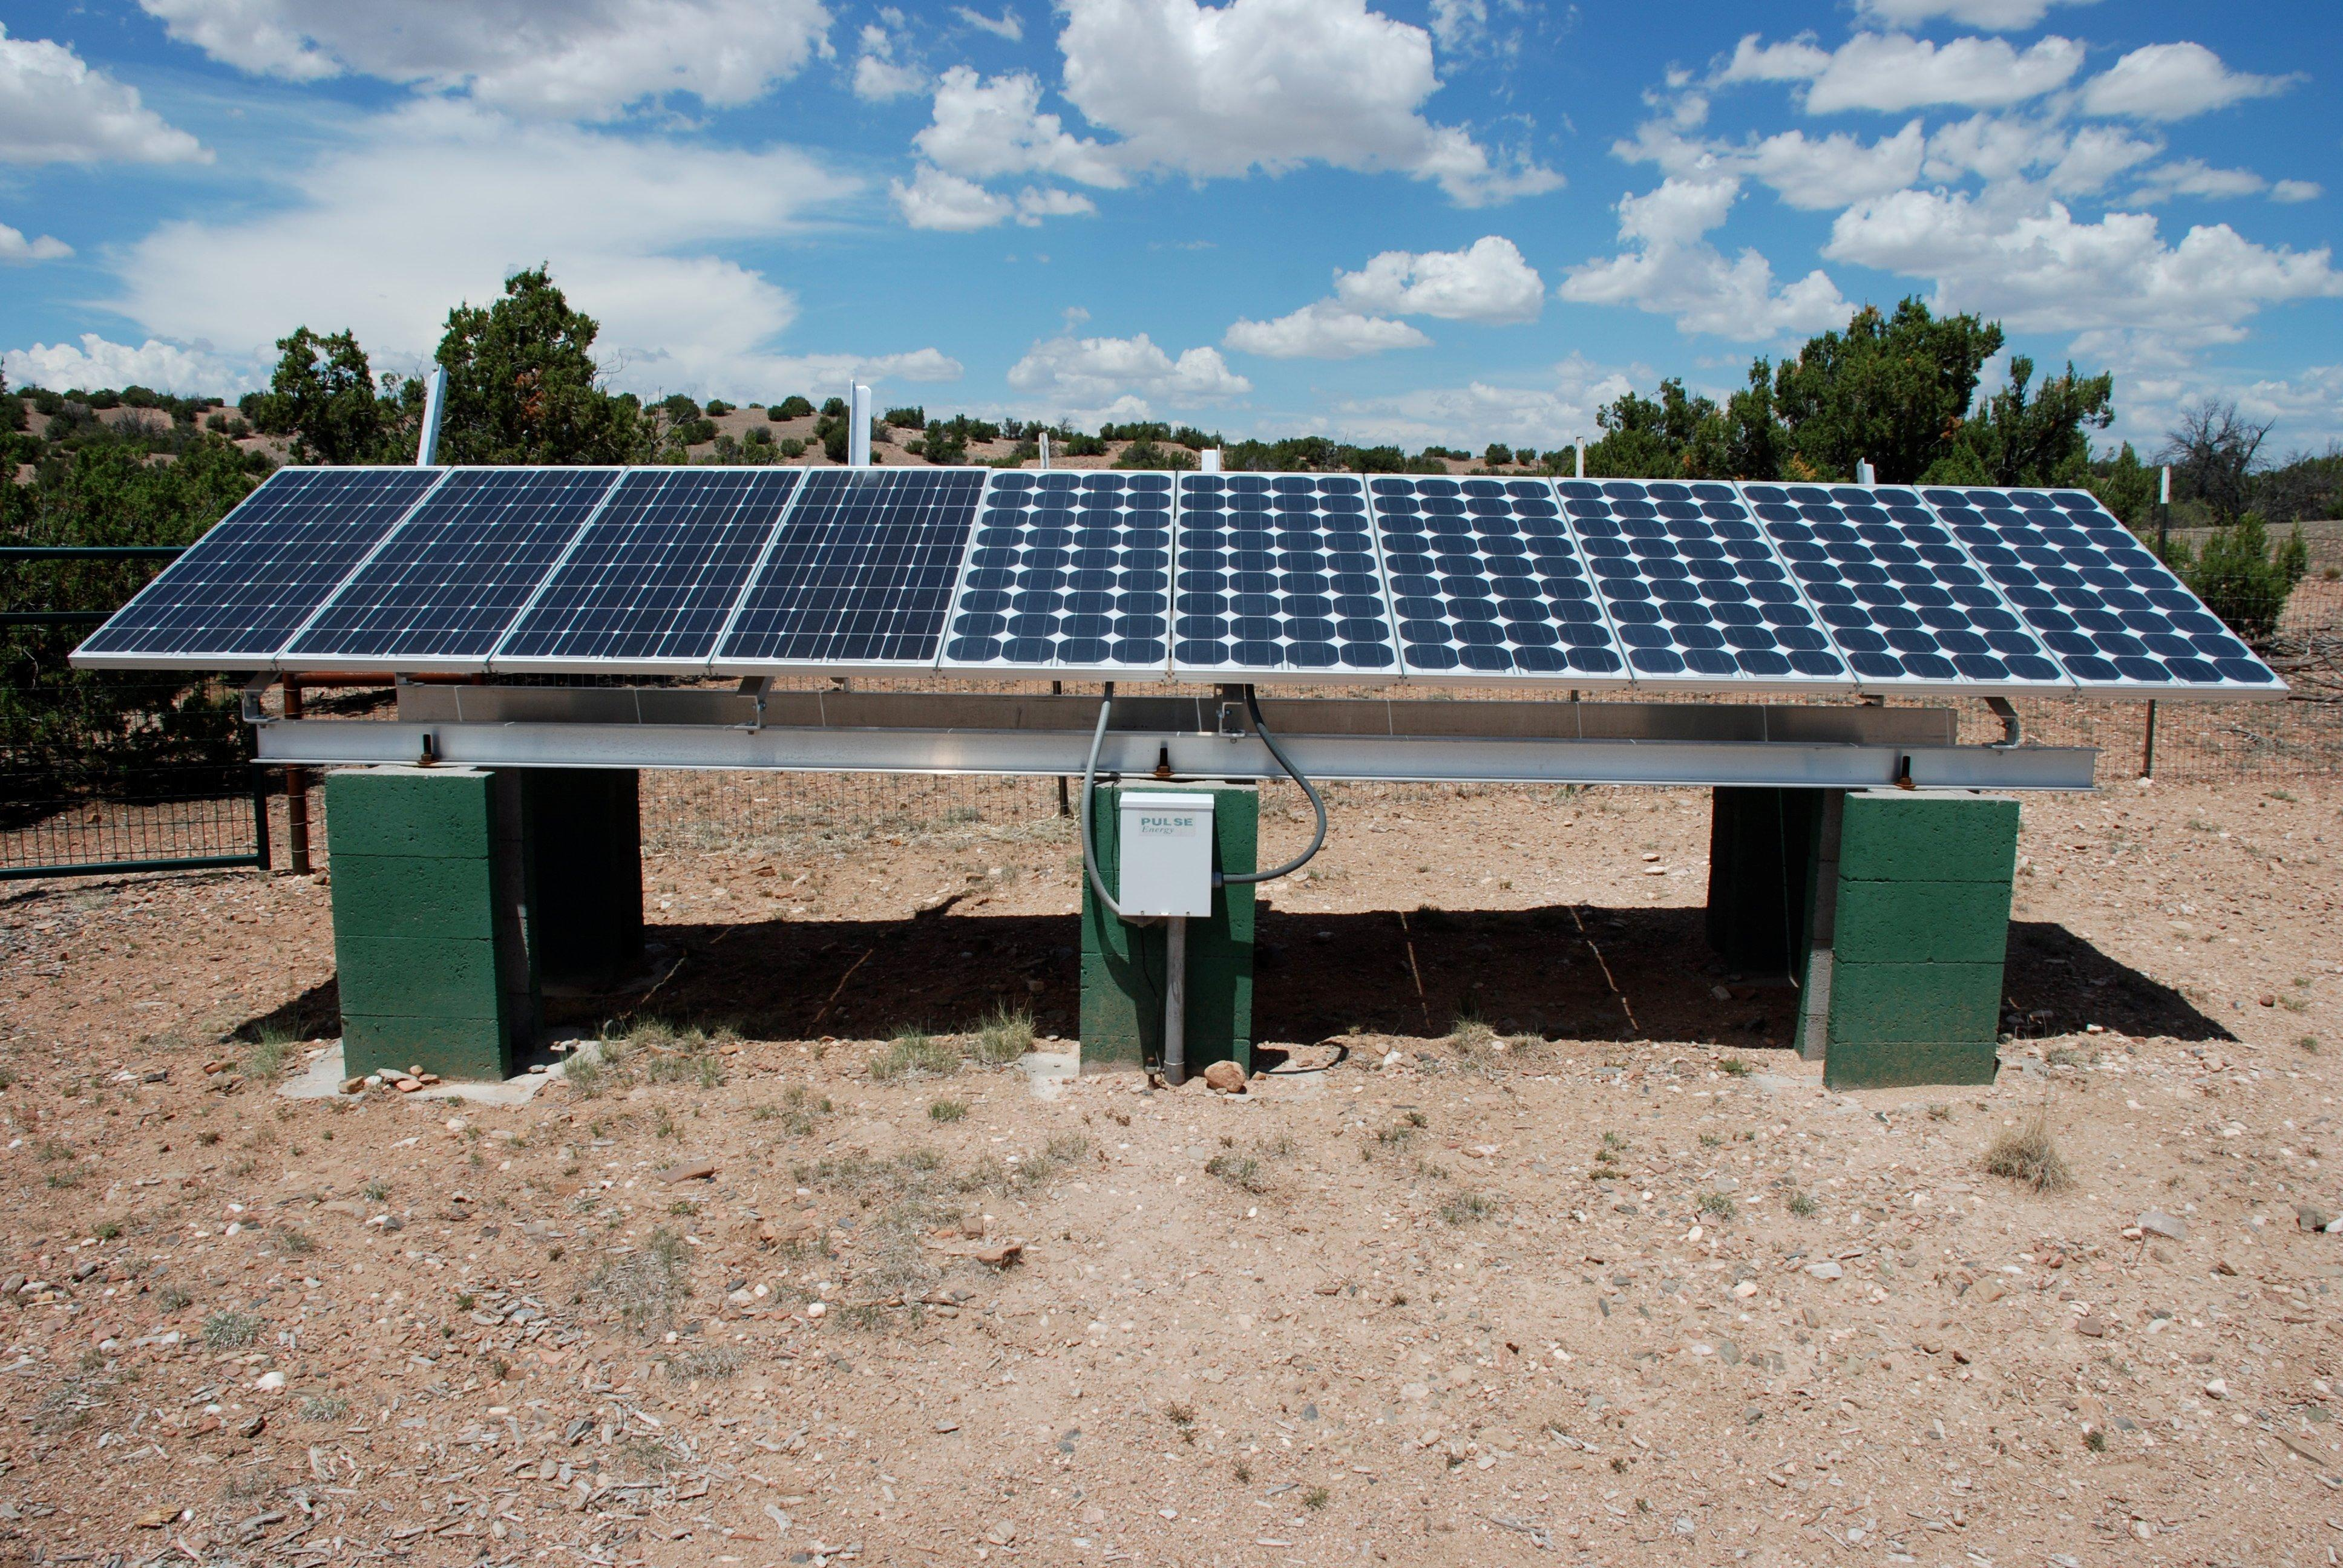 Experienced Solar In Albuquerque Nm 87107